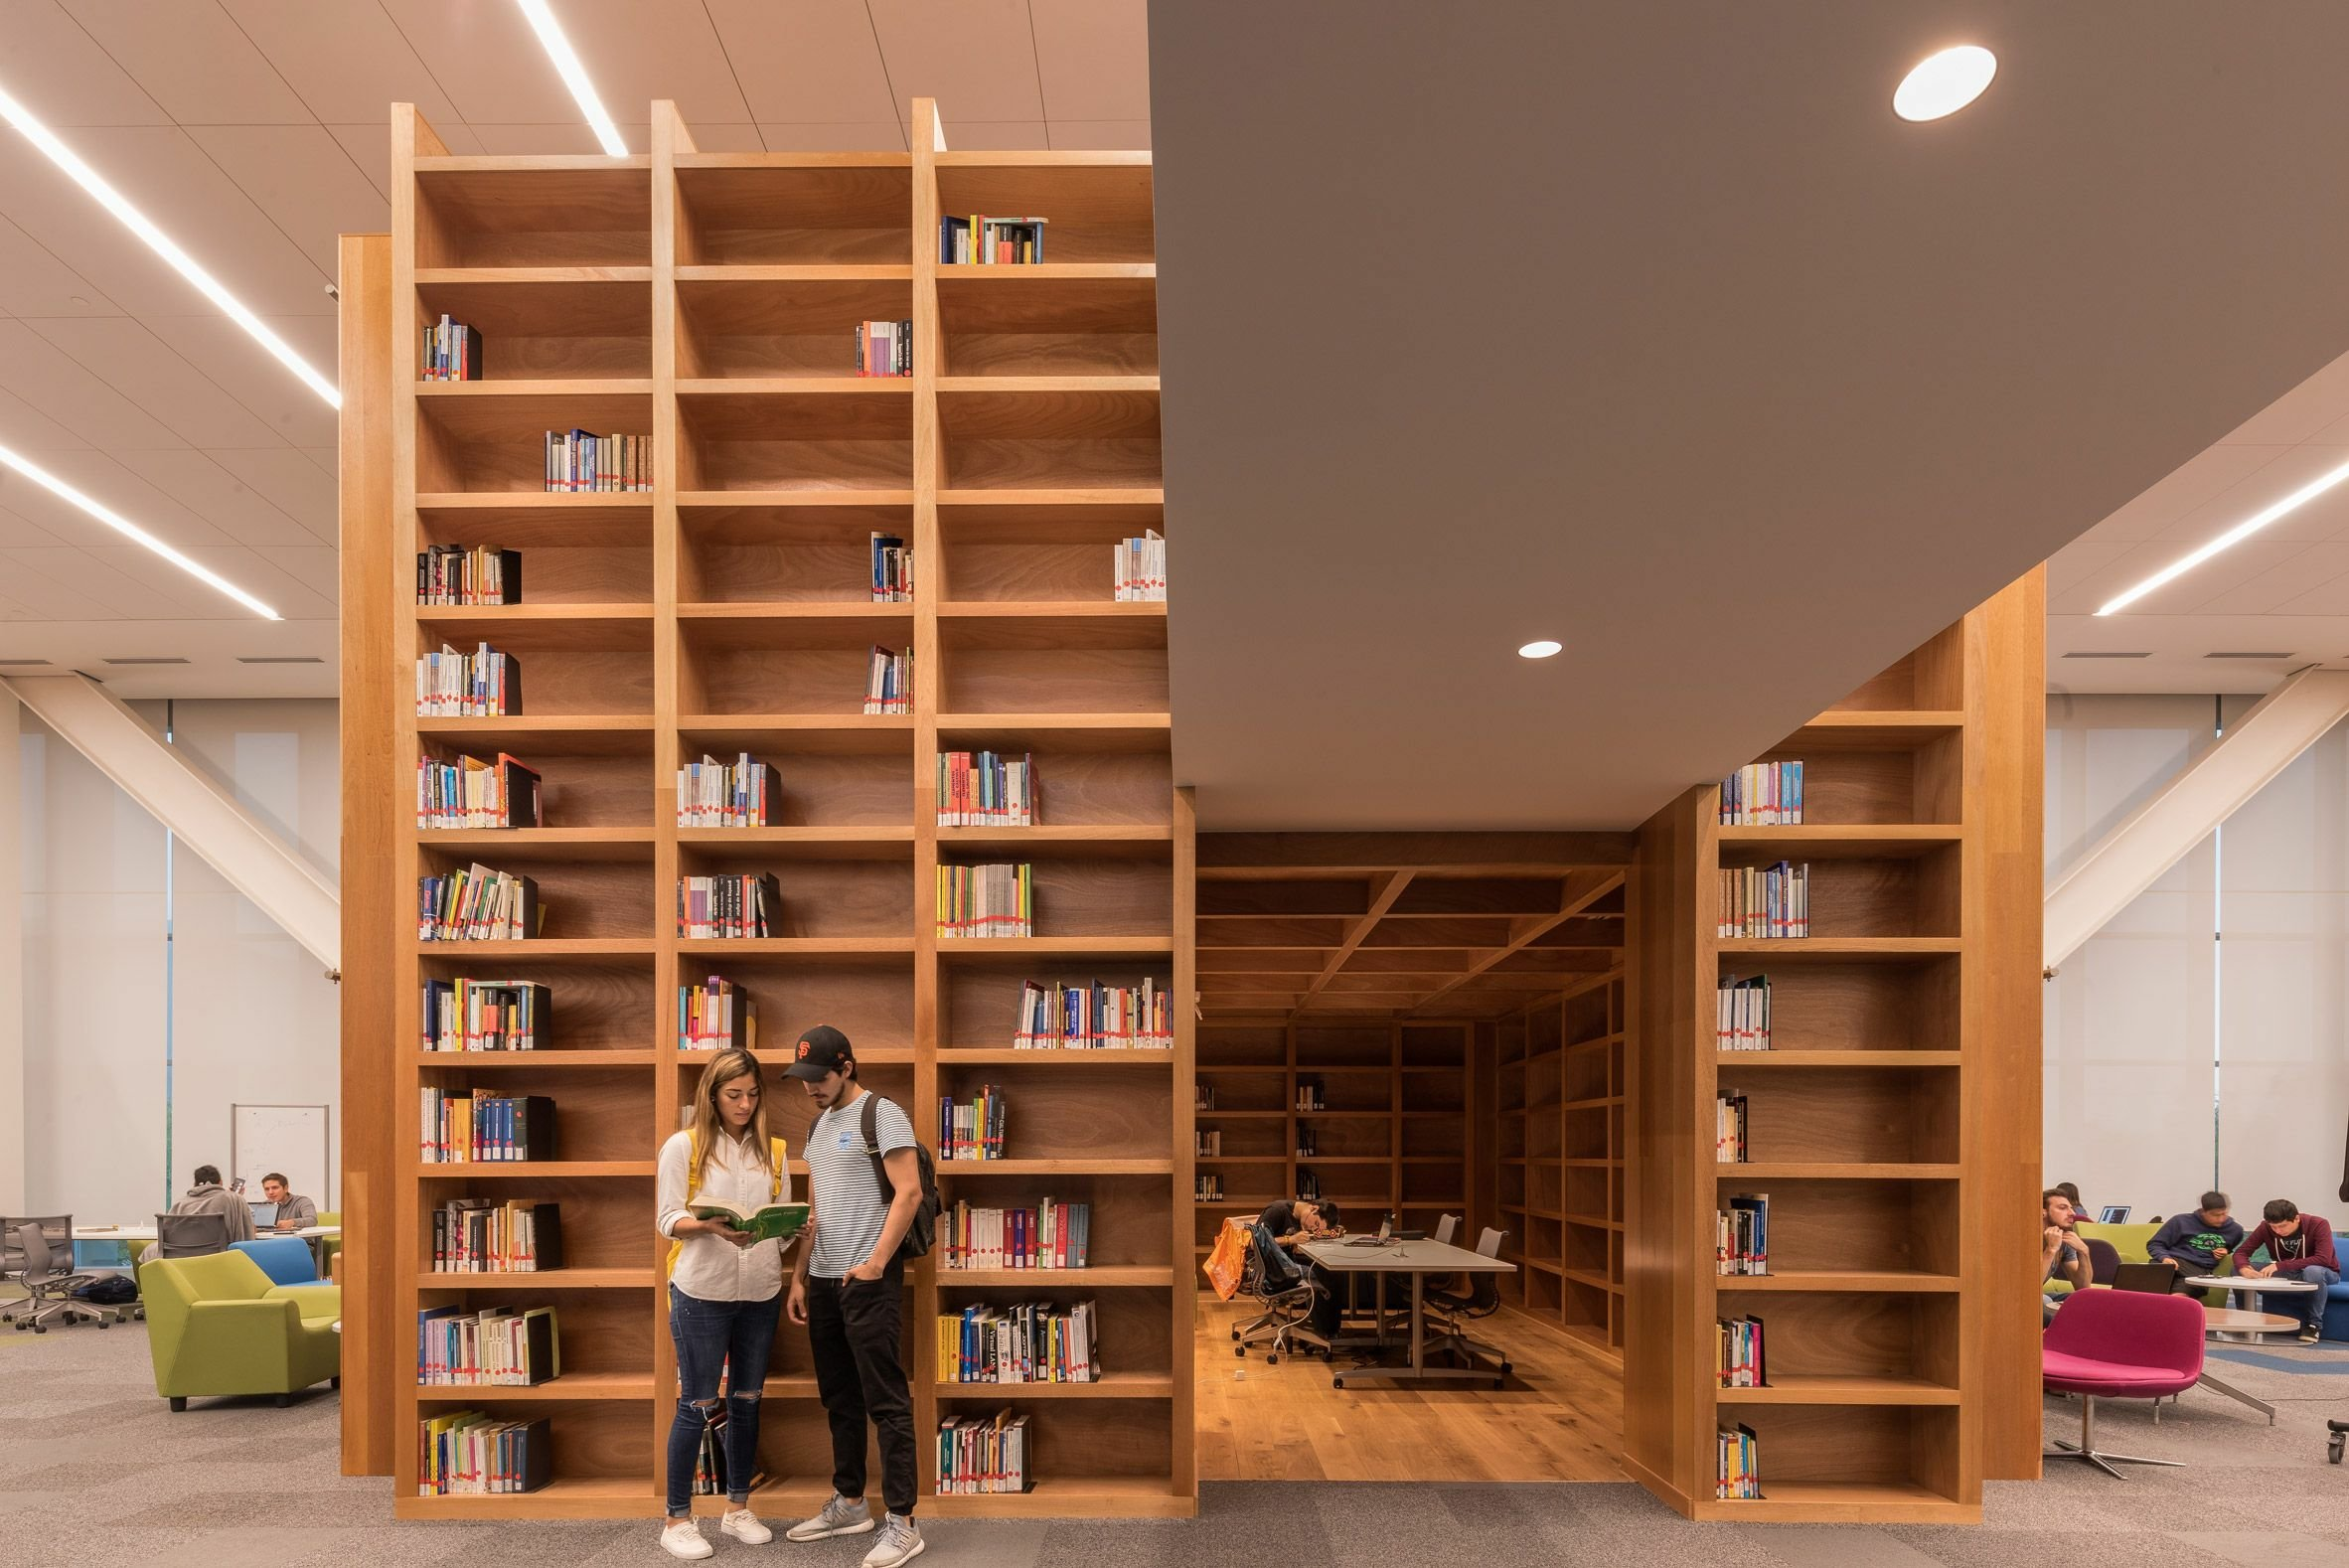 ایده کتابخانه چوبی,دکوراسیون کتابخانه,جاکتابی چوبی,دکوراسیون کتابخانه,قفسه چوبی کتاب,